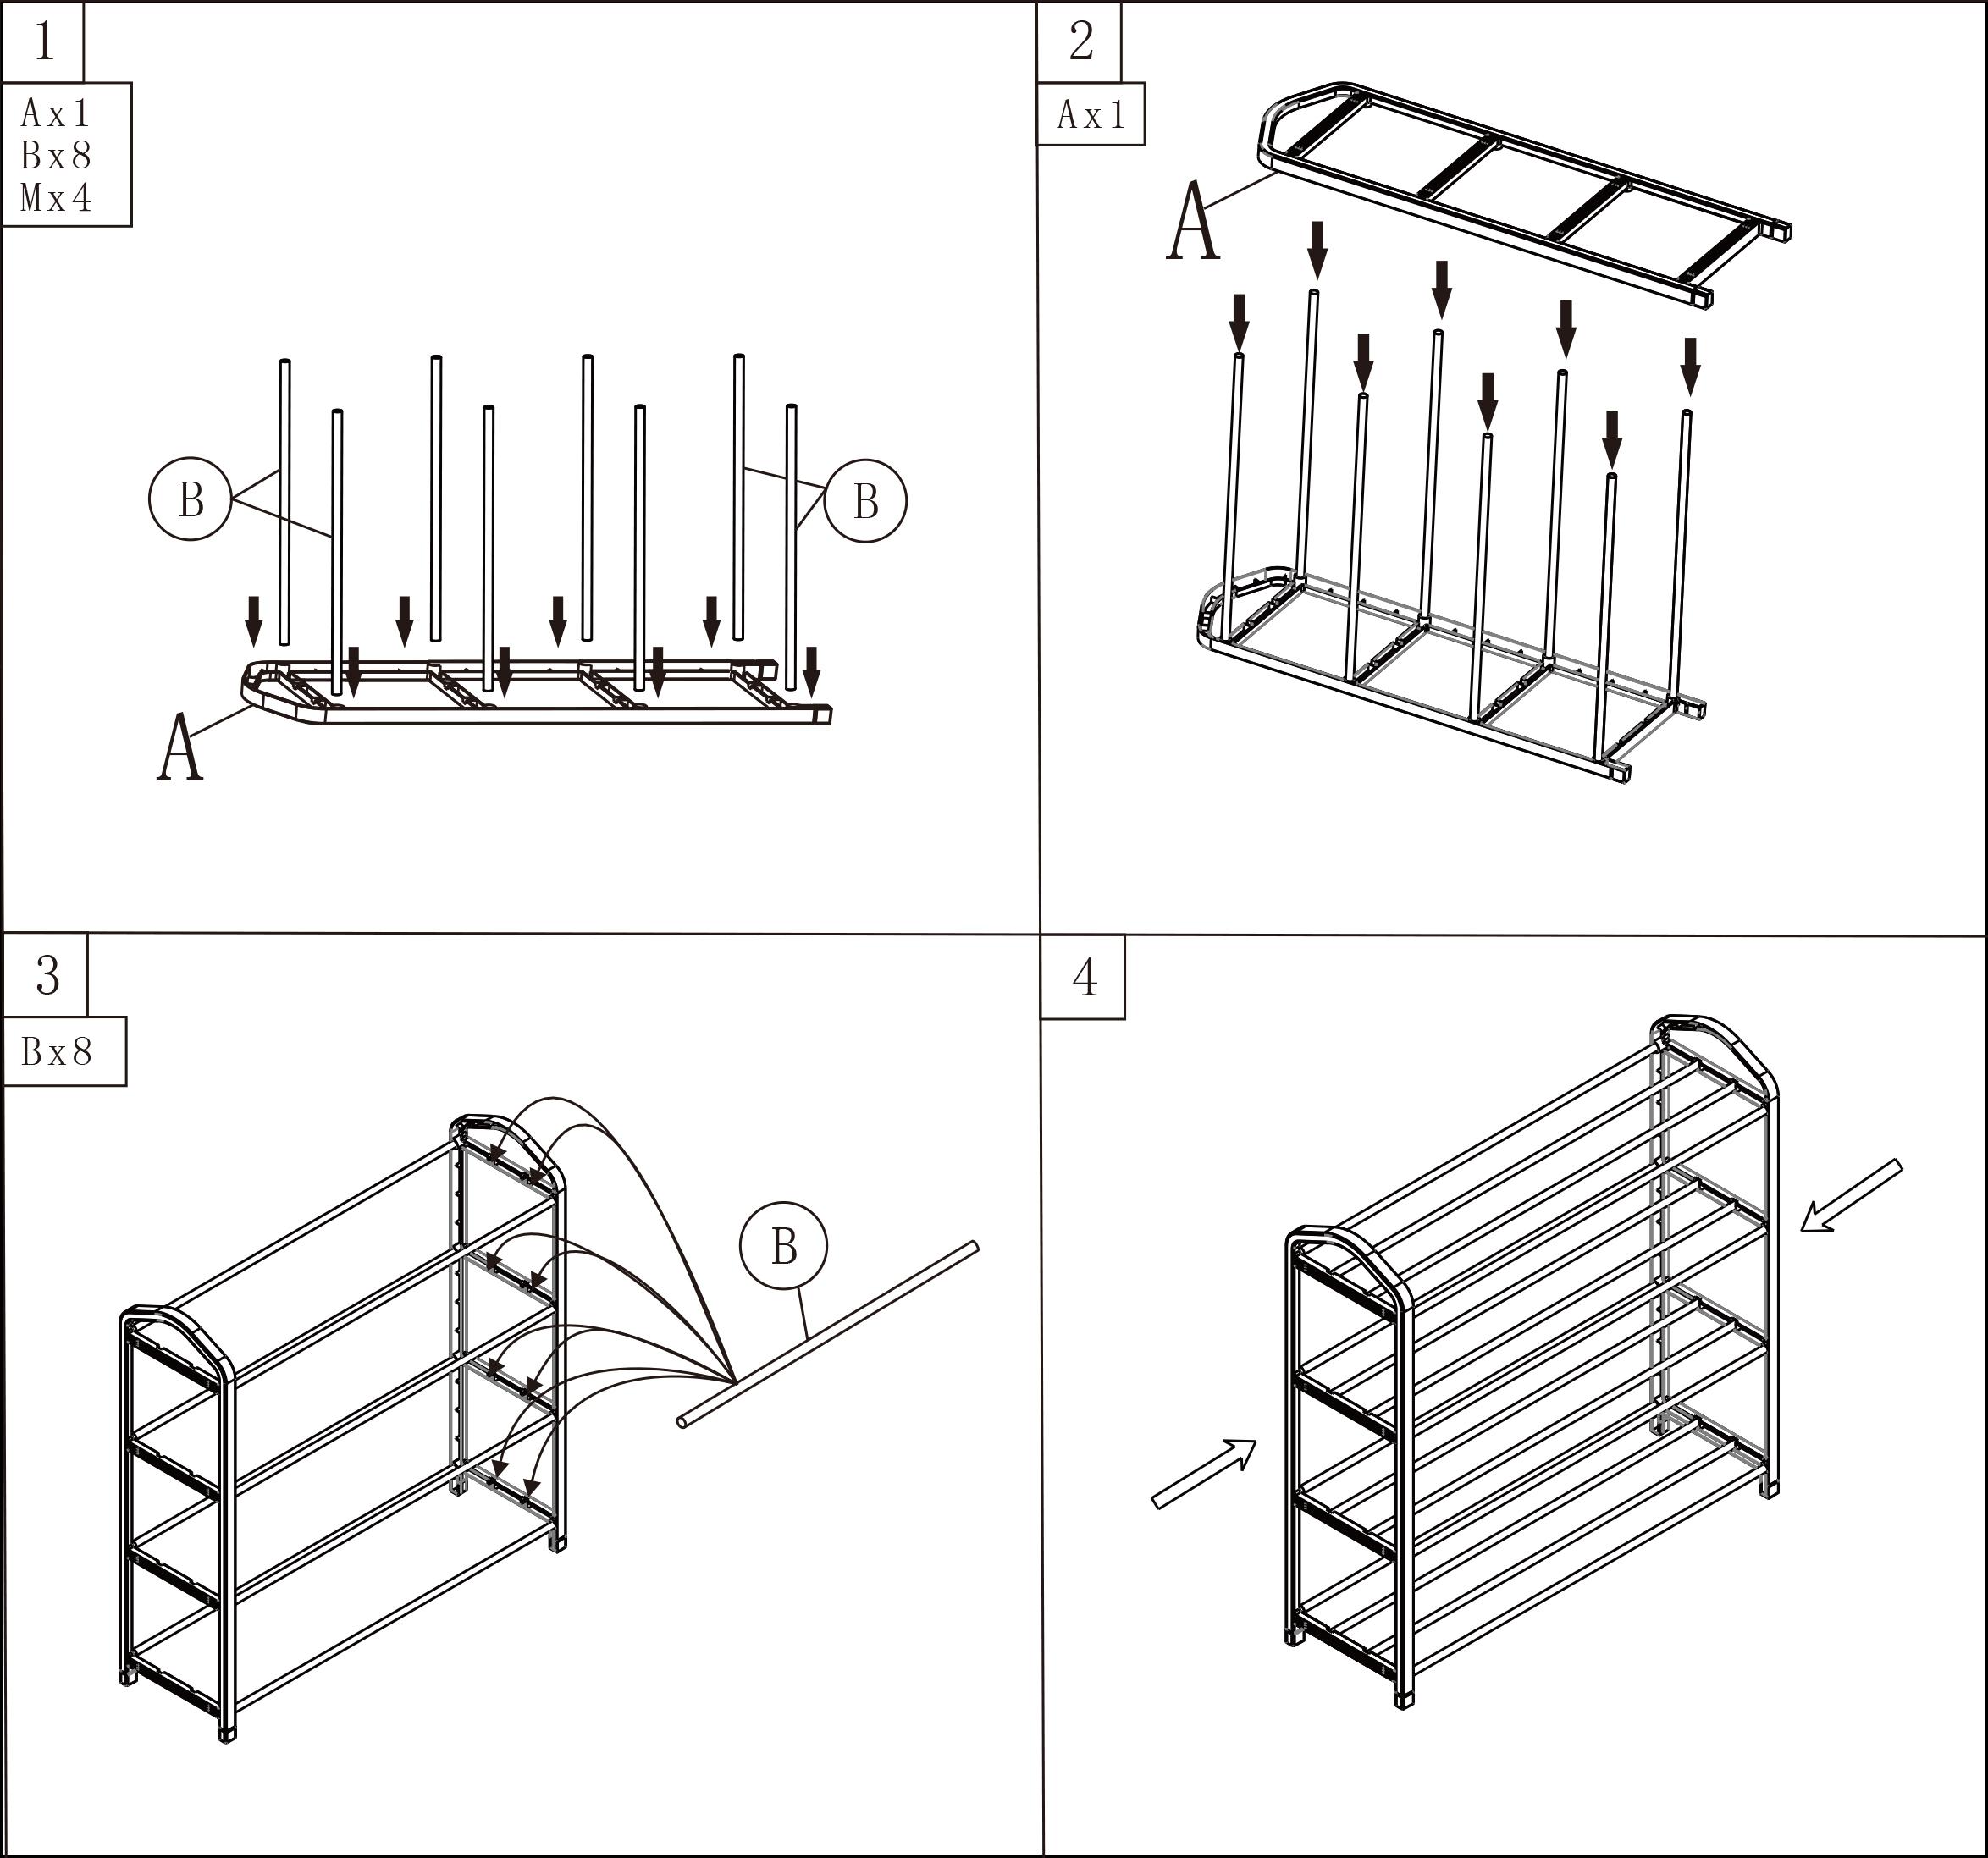 xxl schuhregal schuhablage st nder 4 schichte diy f r. Black Bedroom Furniture Sets. Home Design Ideas